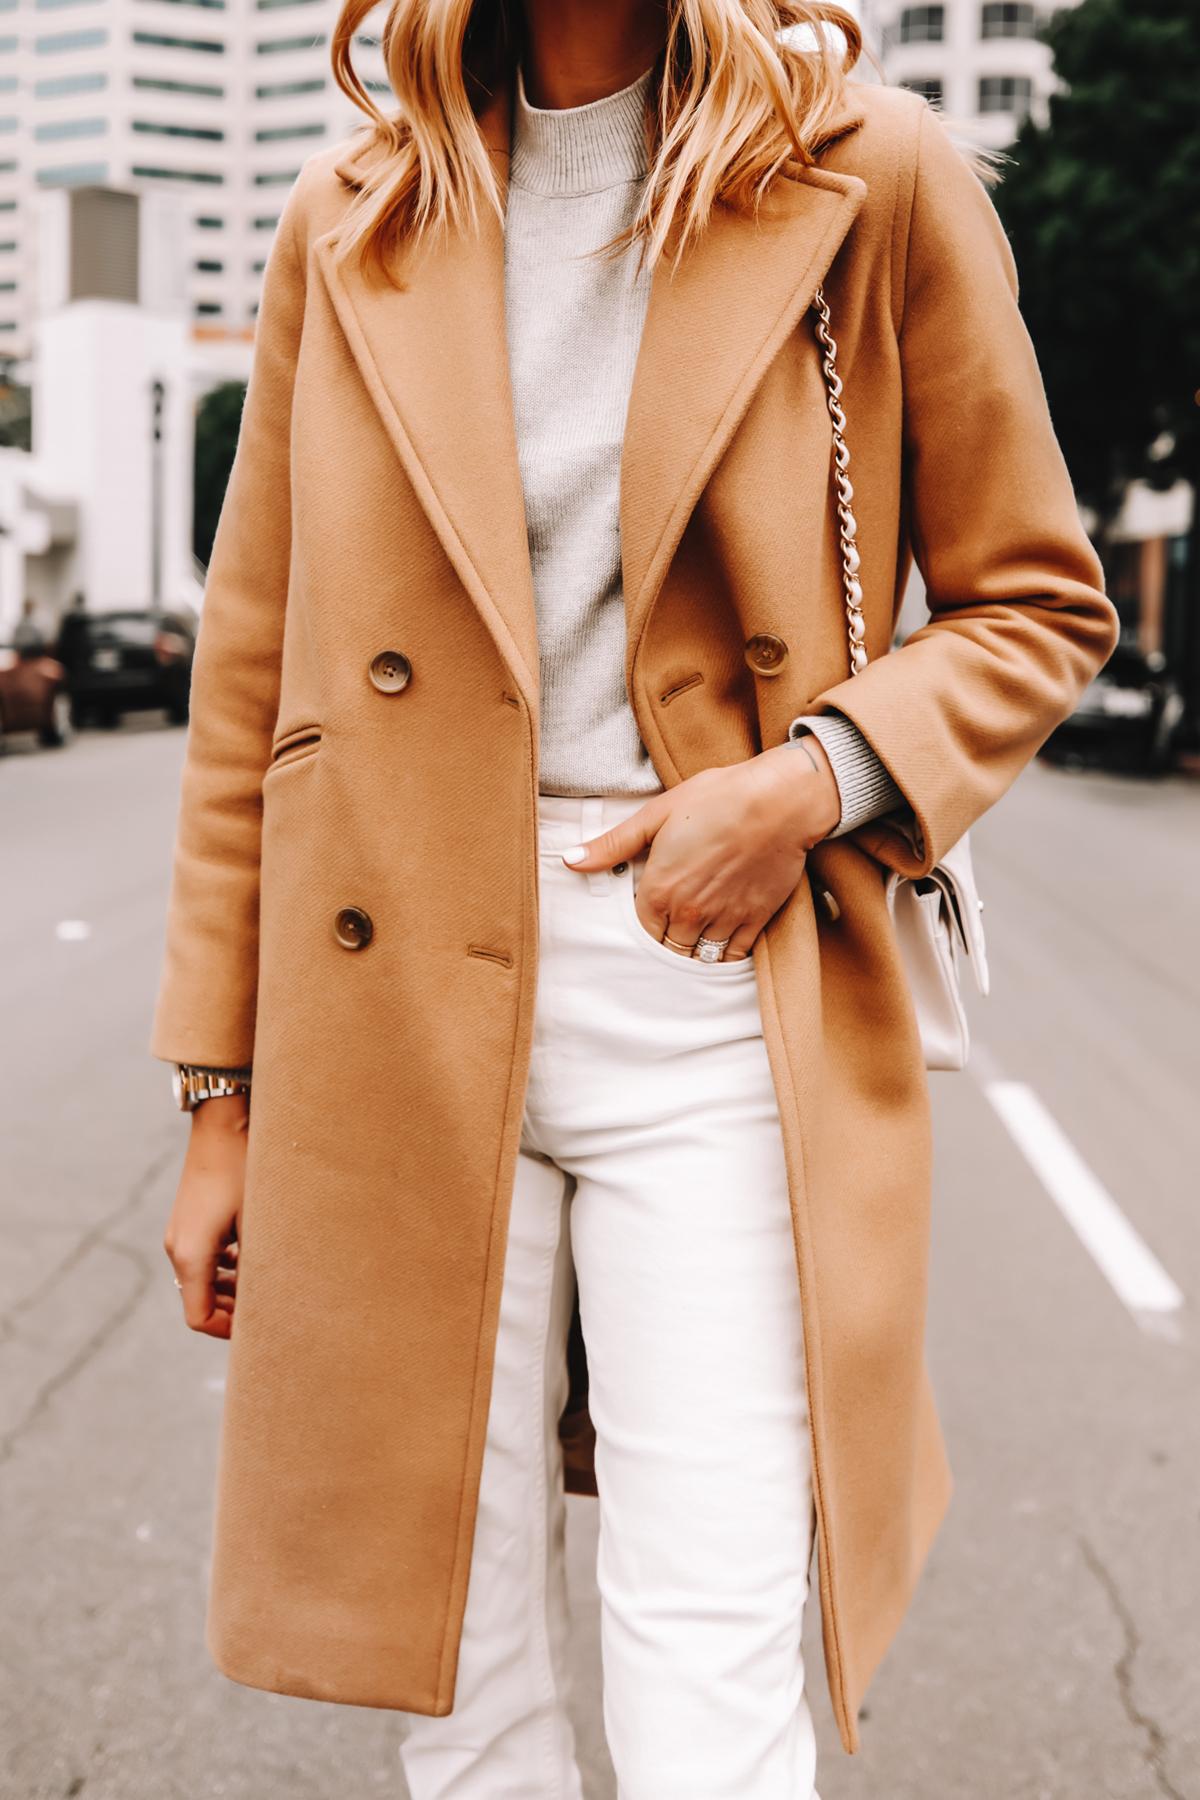 Fashion Jackson Wearing Everlane Camel Coat Grey Sweater White Jeans